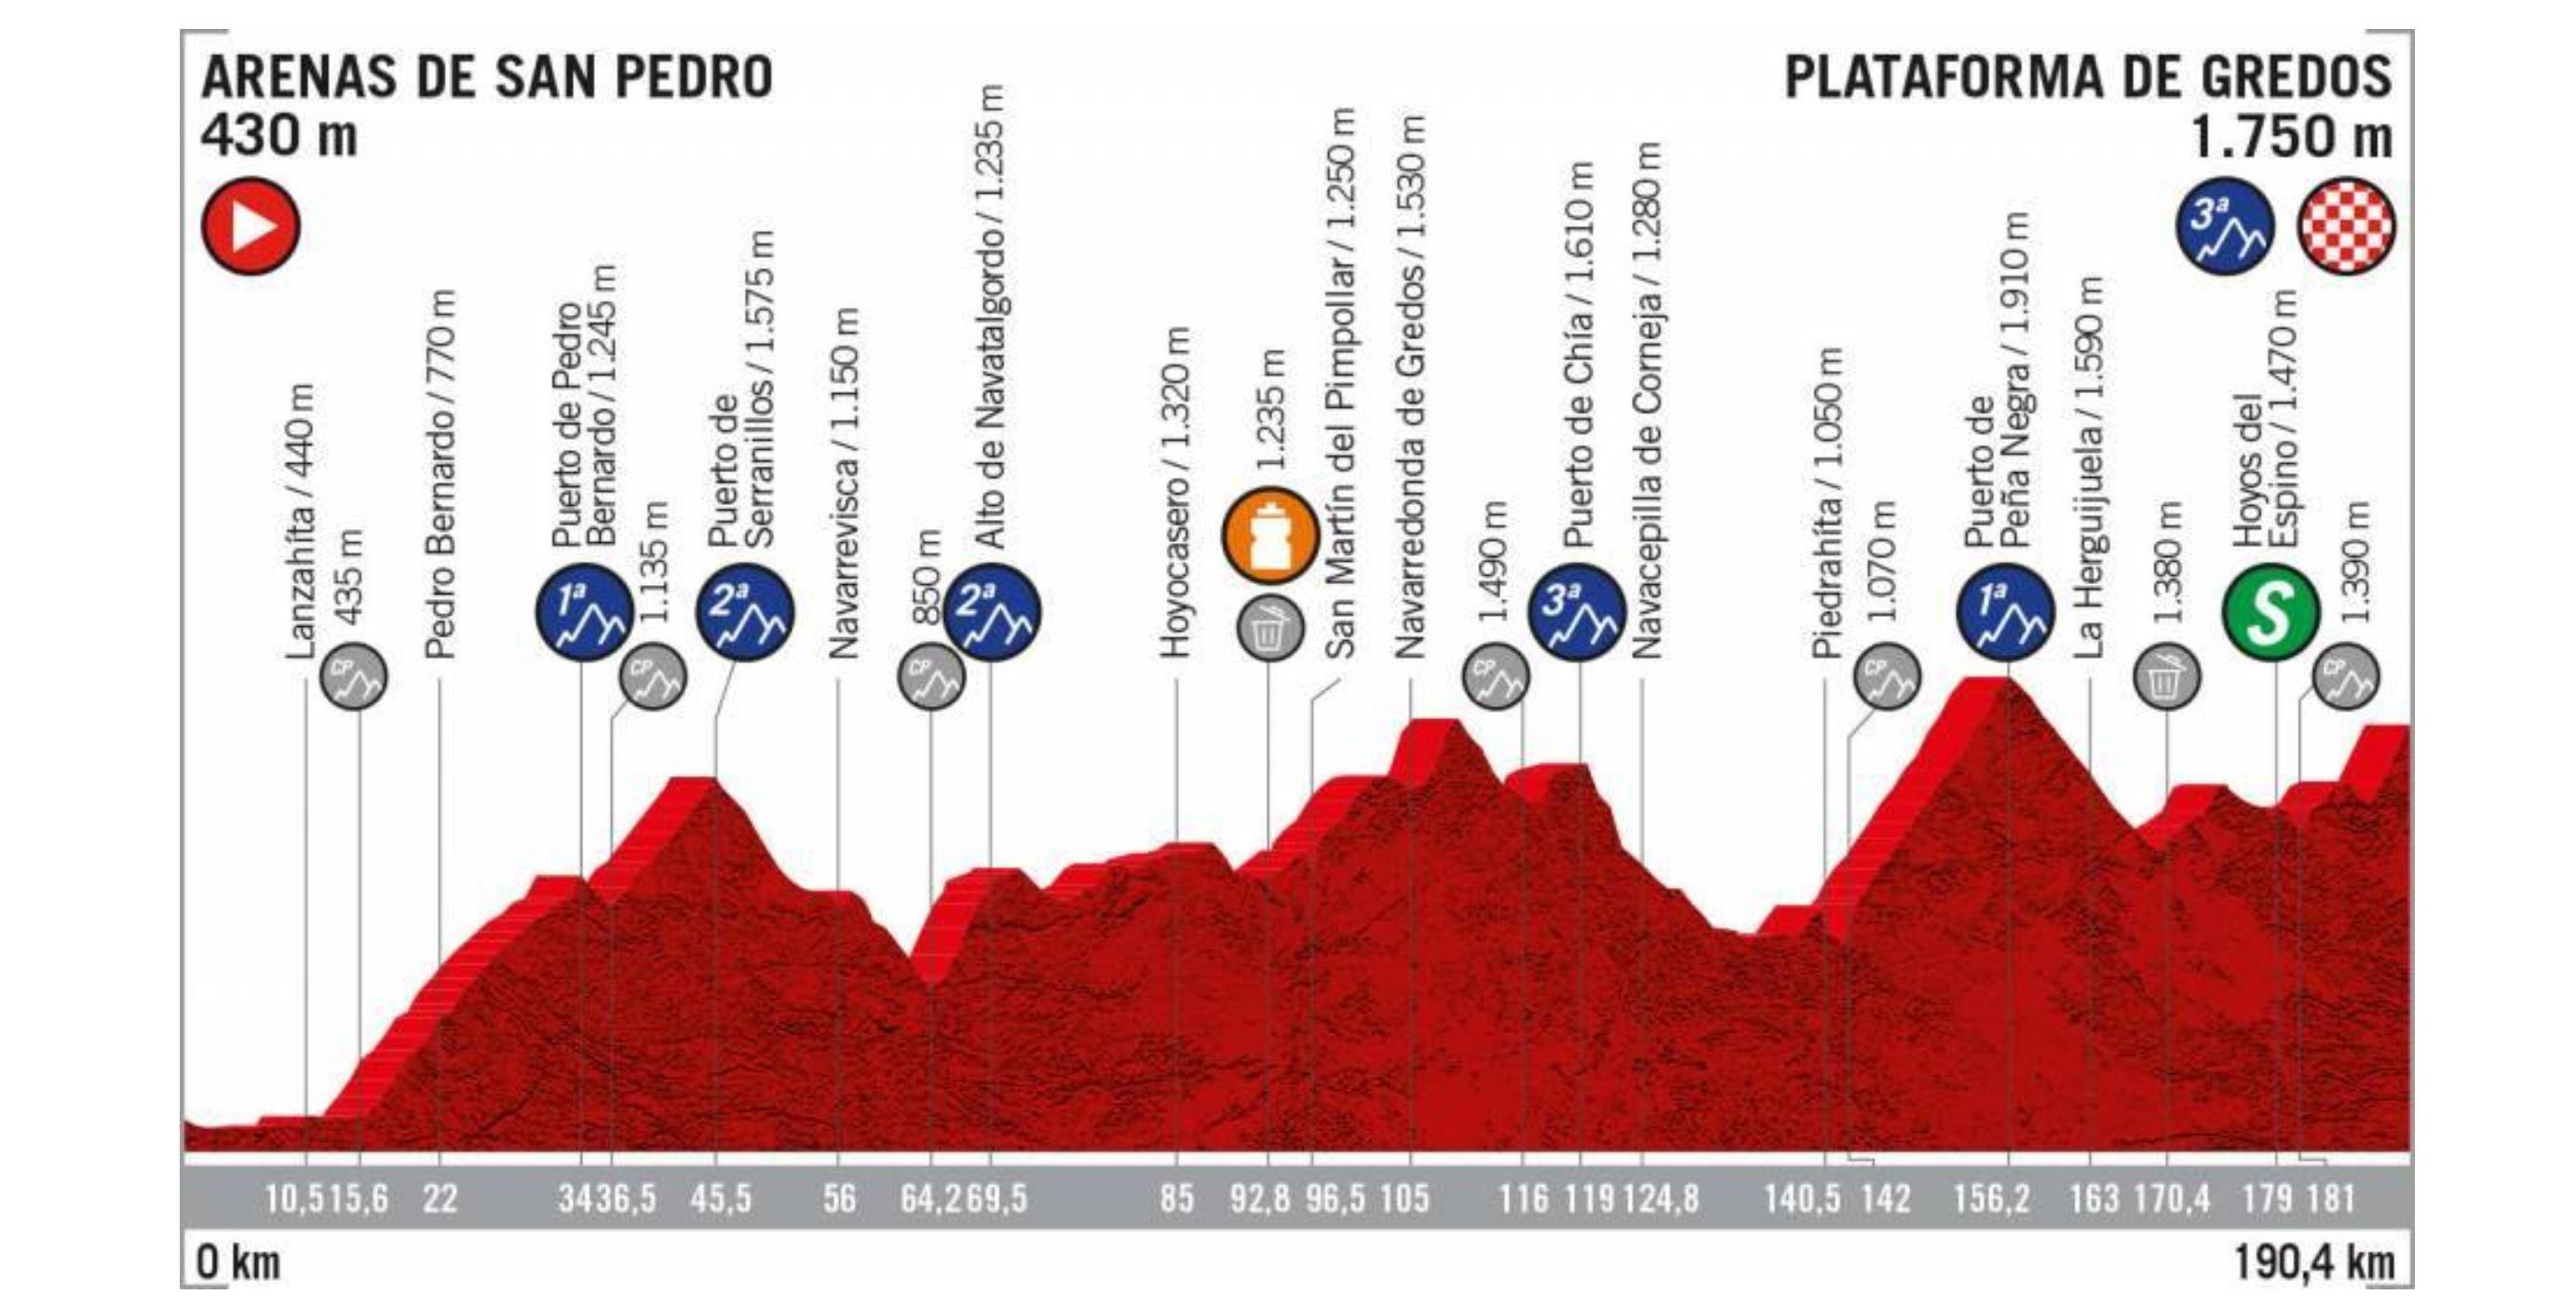 La Vuelta a Espana 2019, stage 20 profile